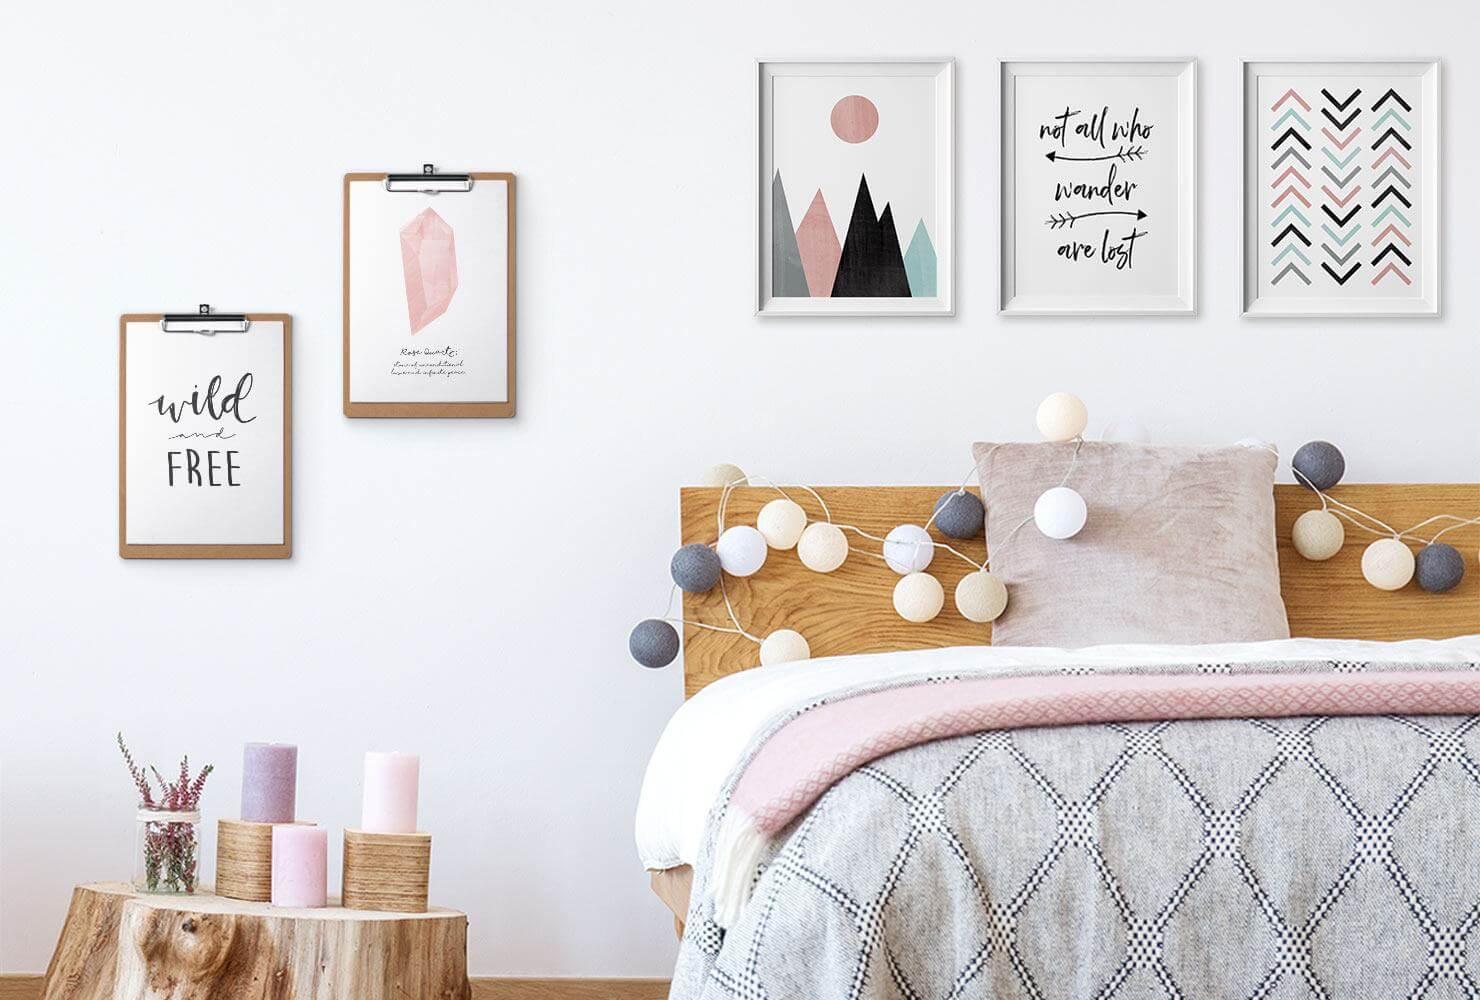 Đồ nội thất handmade được làm thủ công với nguồn nguyên vật liệu có sẵn và cực kỳ an toàn đối với con người (Nguồn: Internet)